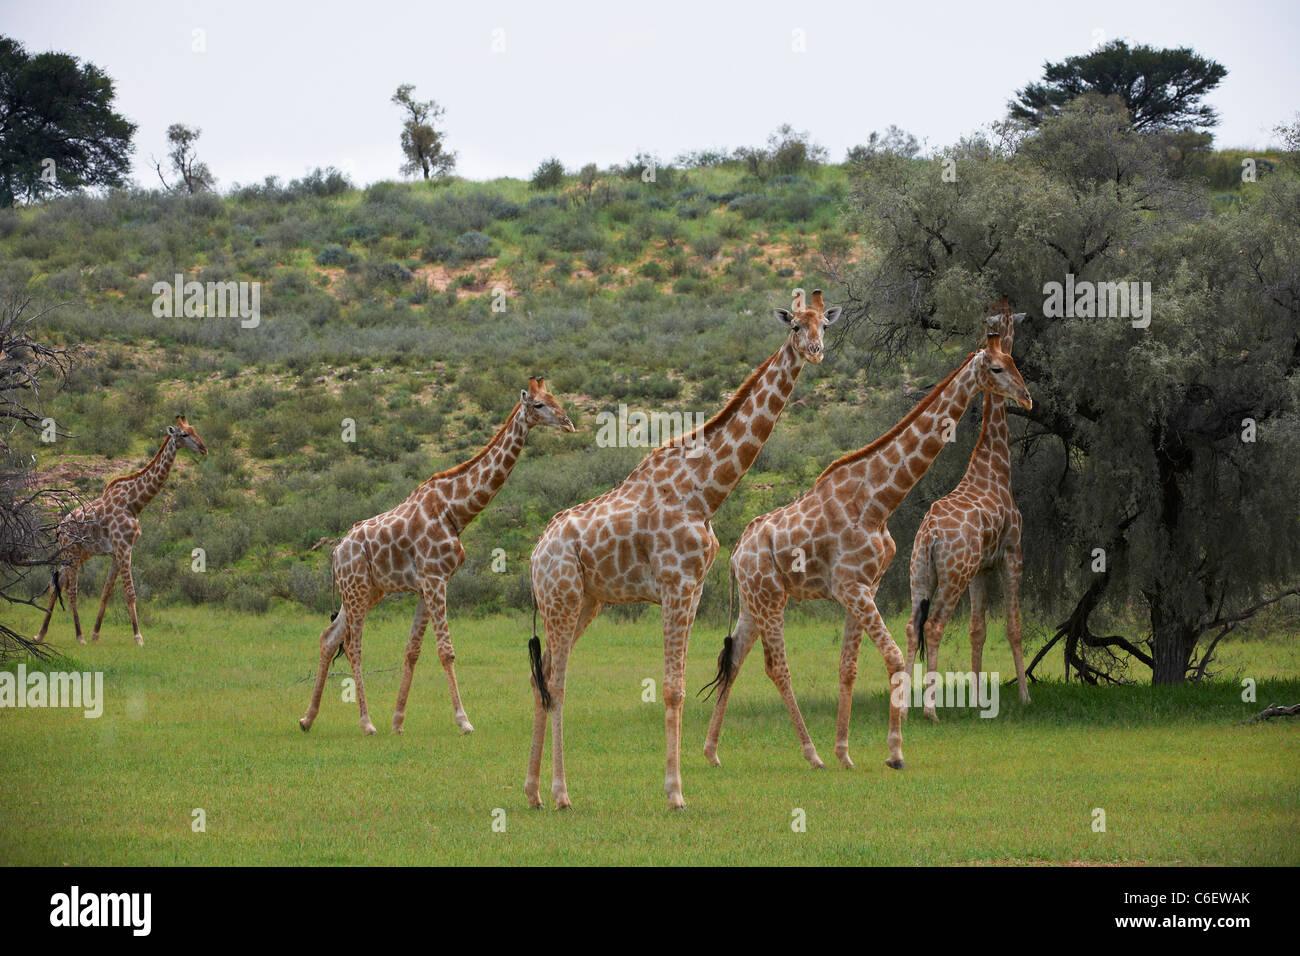 Girafe, Giraffa camelopardalis, Kgalagadi Transfrontier Park, Afrique du Sud, l'Afrique Photo Stock